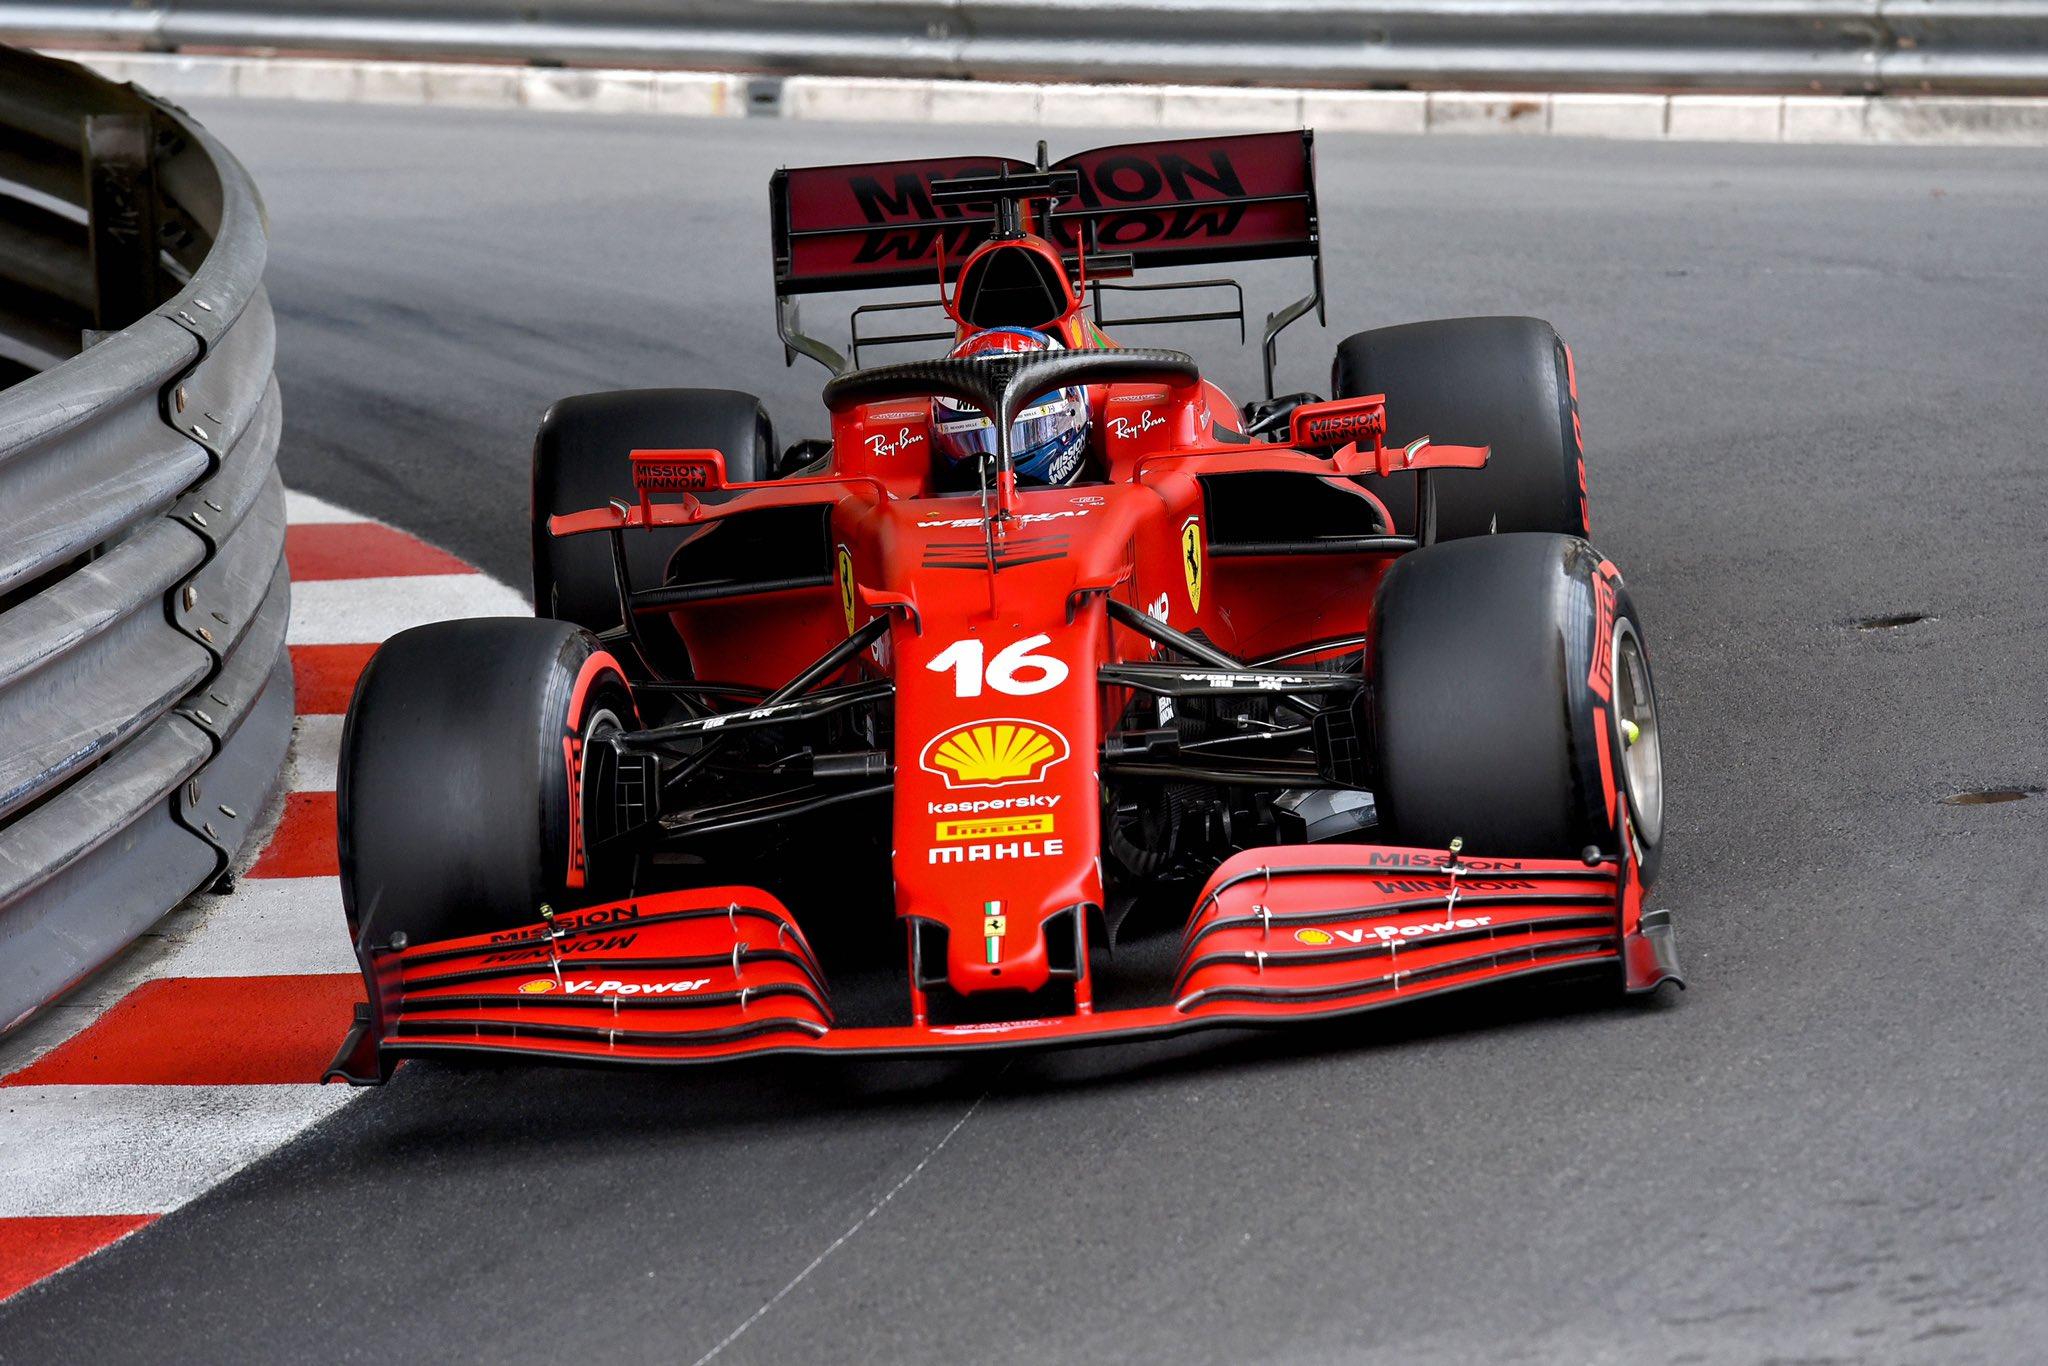 Шарль Леклер выигрывает квалификацию гран-при Монако 2021 года